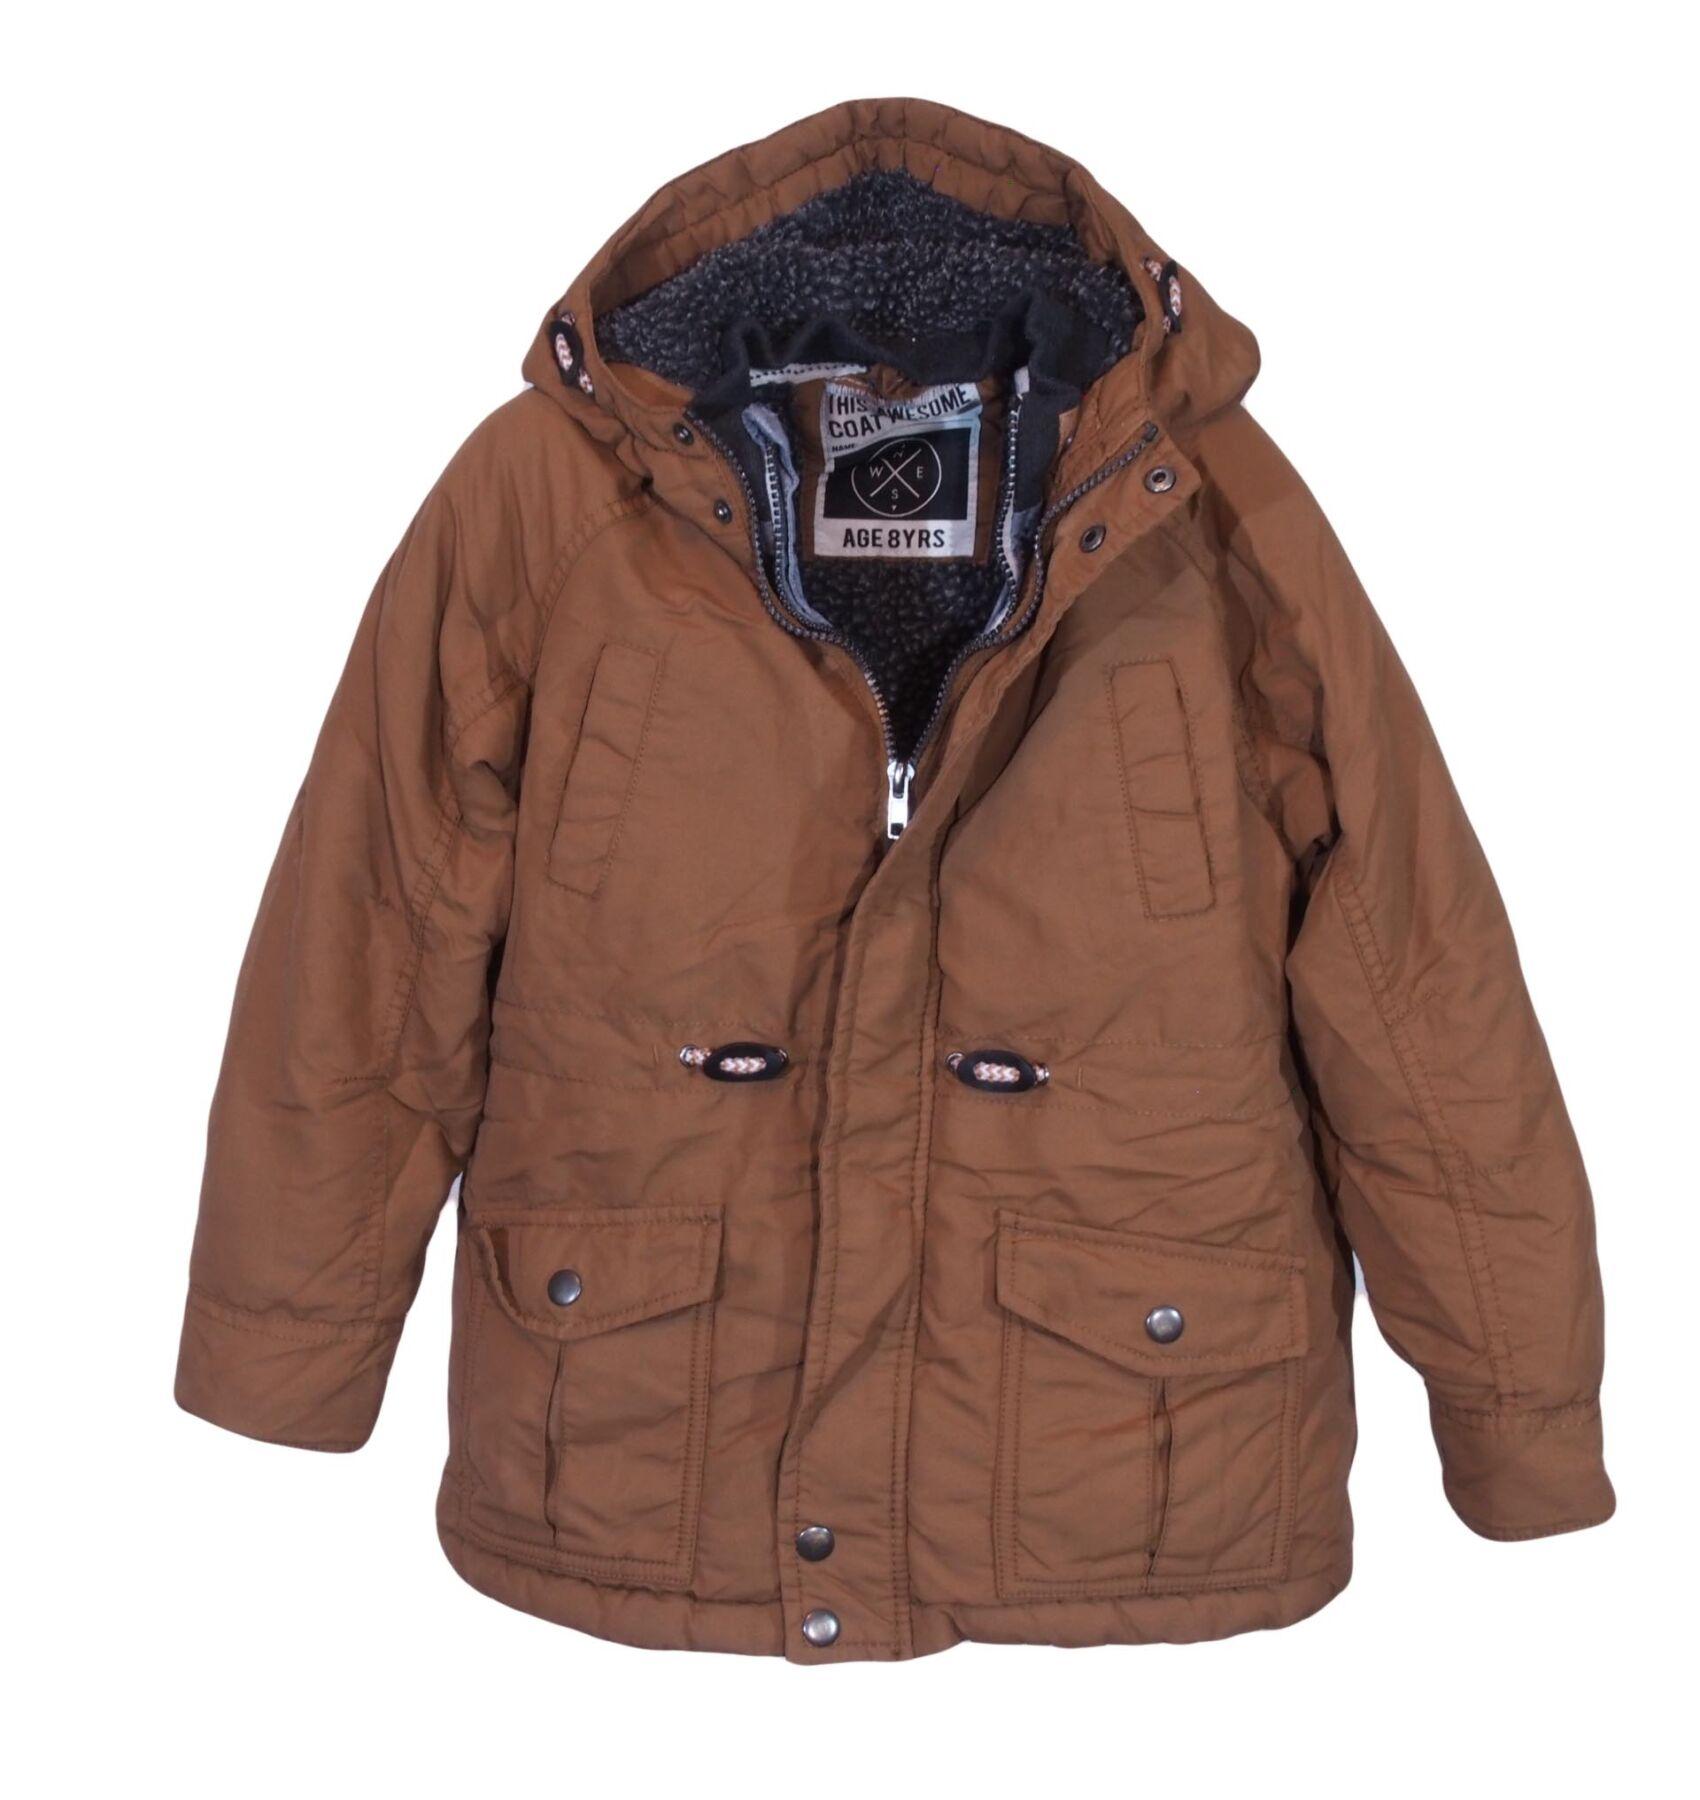 a687c98fc8 Kapuccsino színű télikabát (7-8 év) - Kabátok, mellények